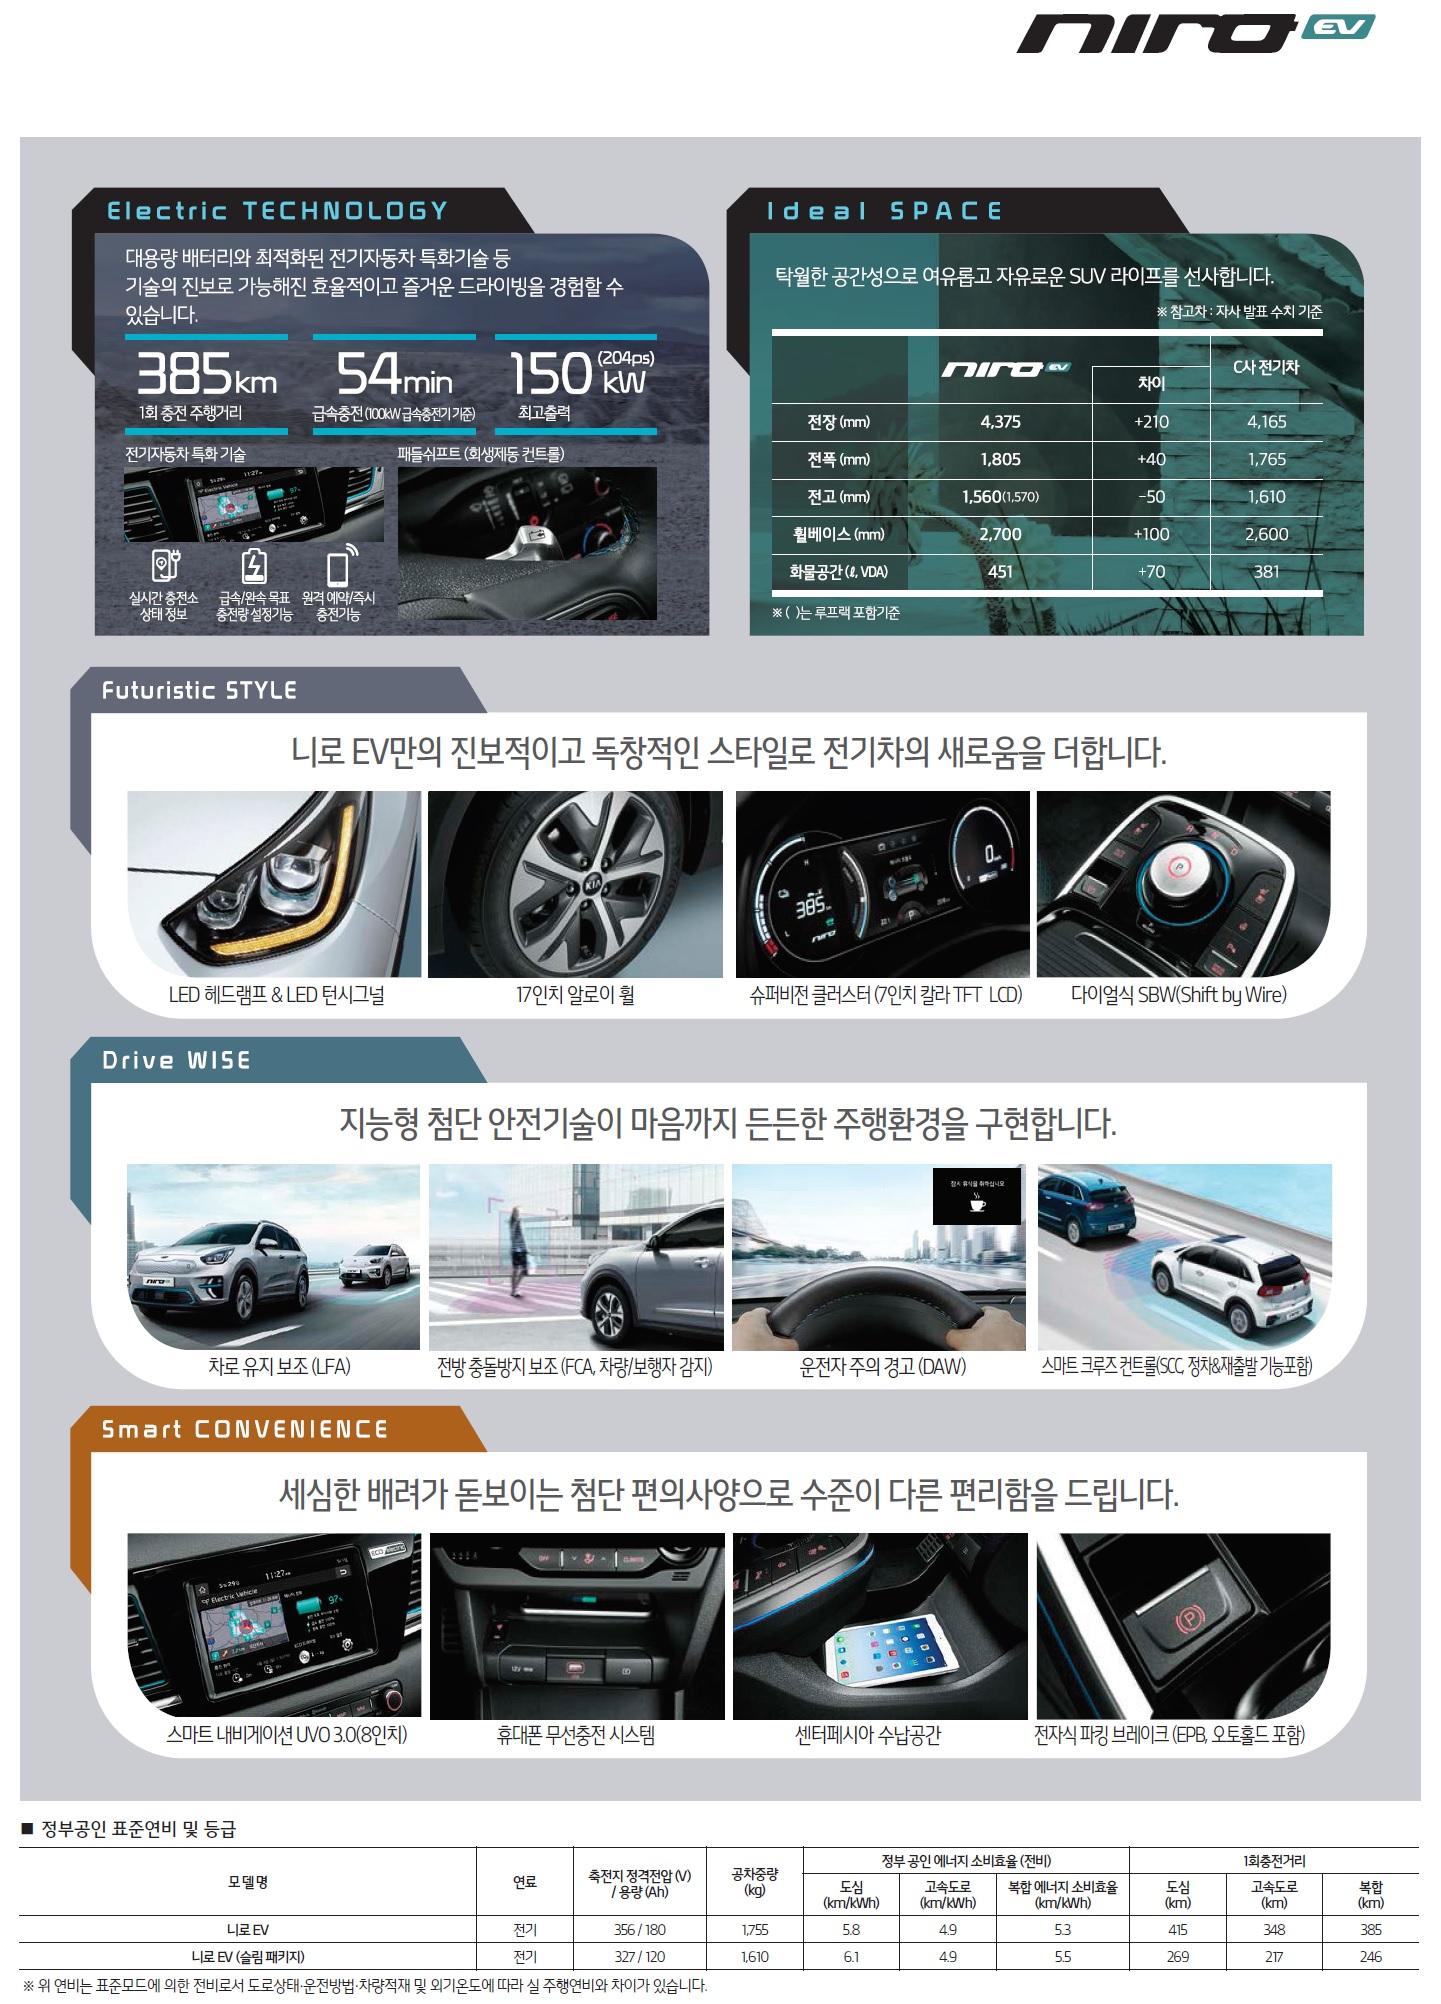 니로 EV 가격표 - 2018년 07월 -2.jpg